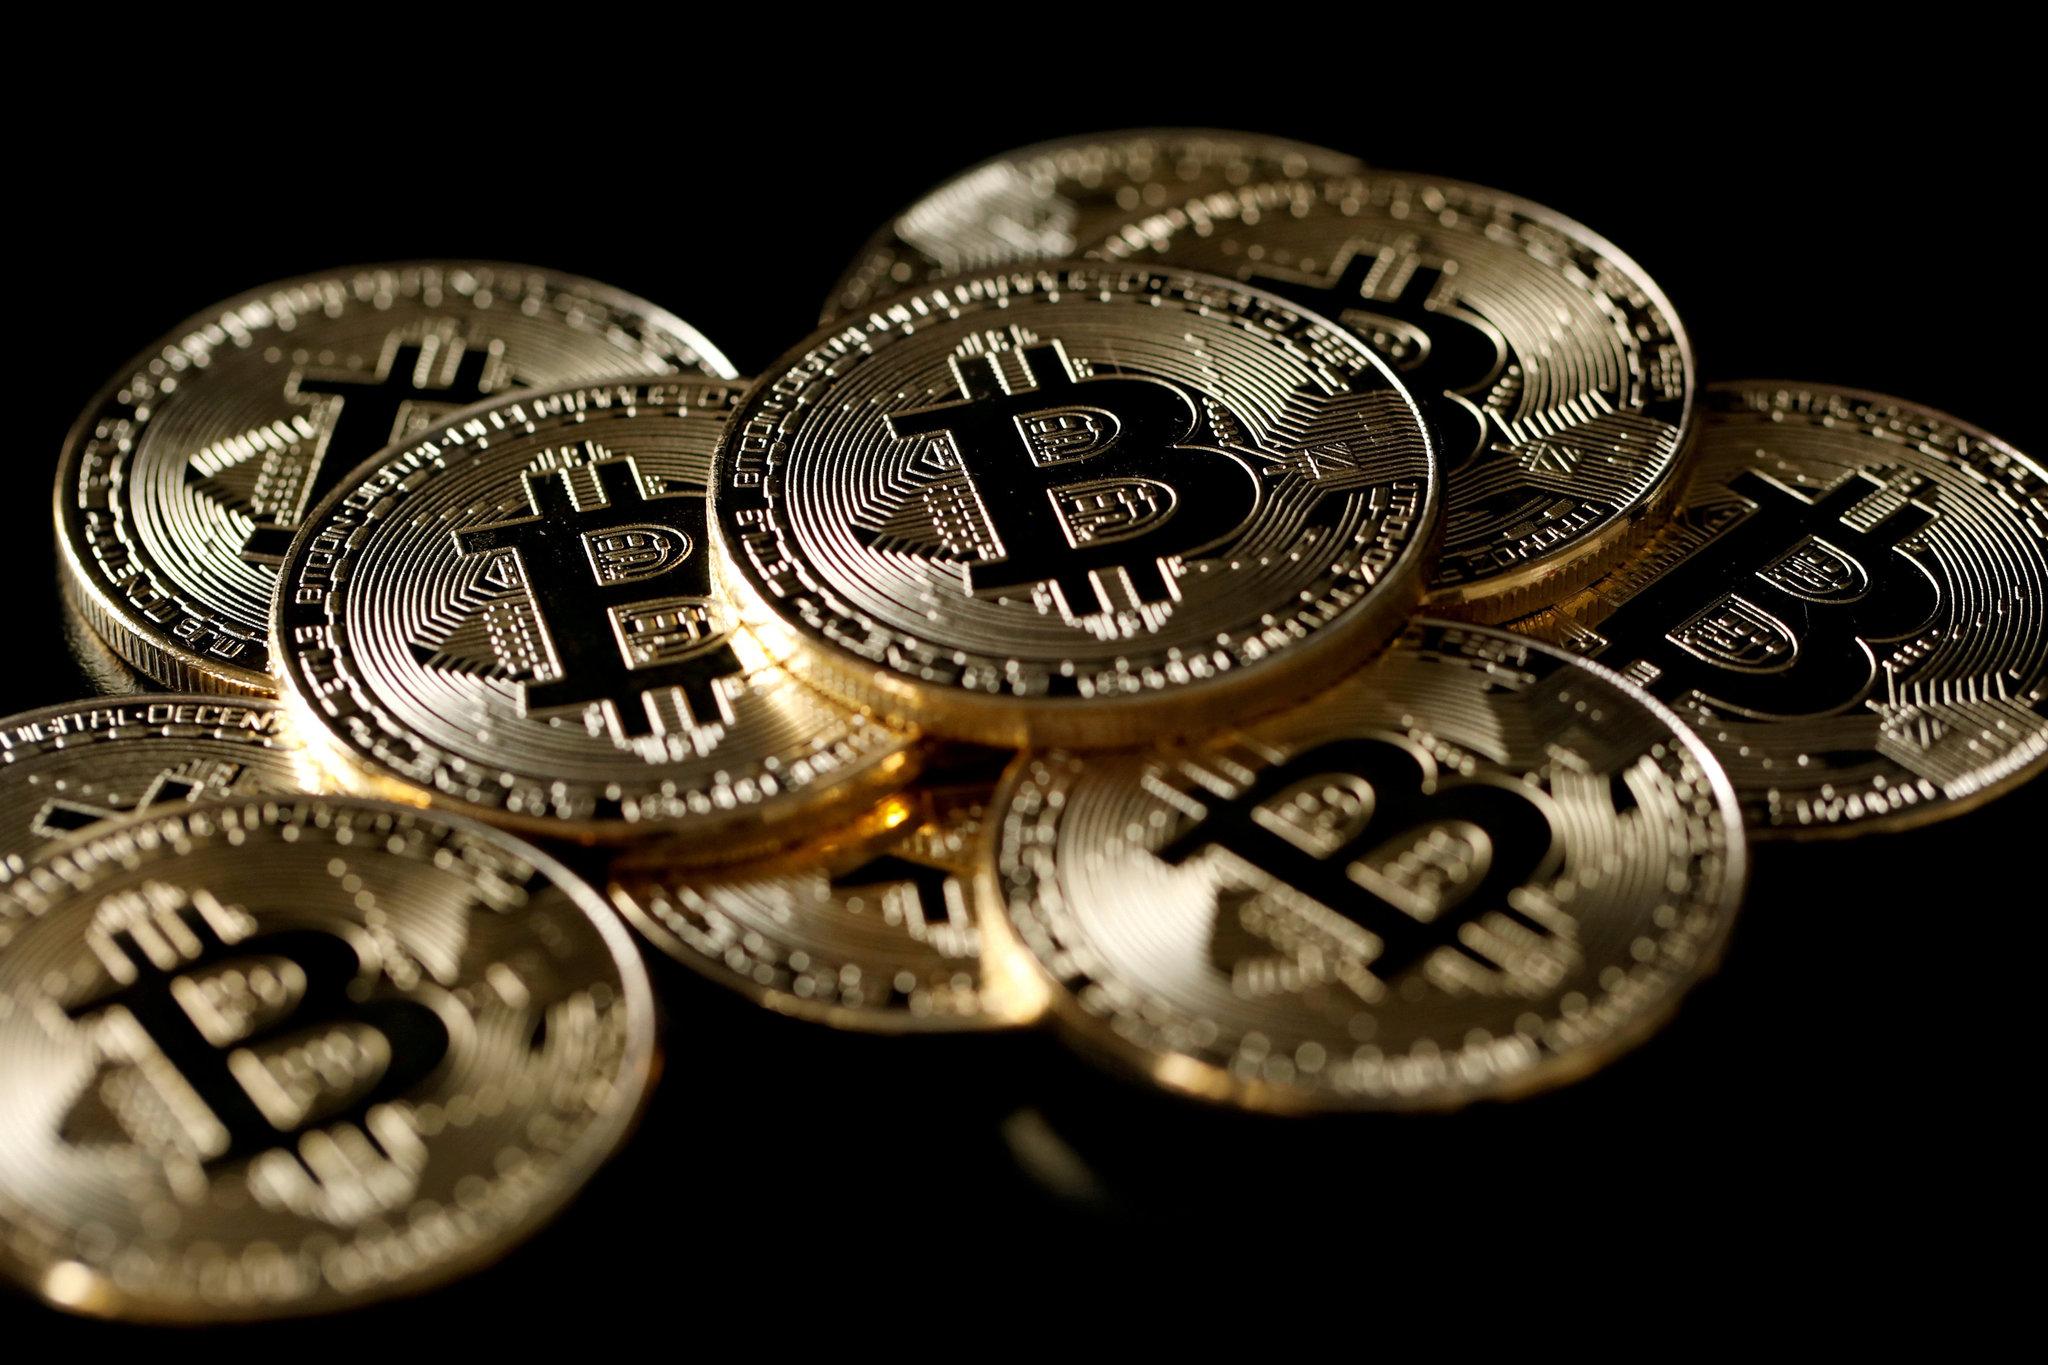 Kripto para piyasasındaki düşüş eğilimi sürüyor